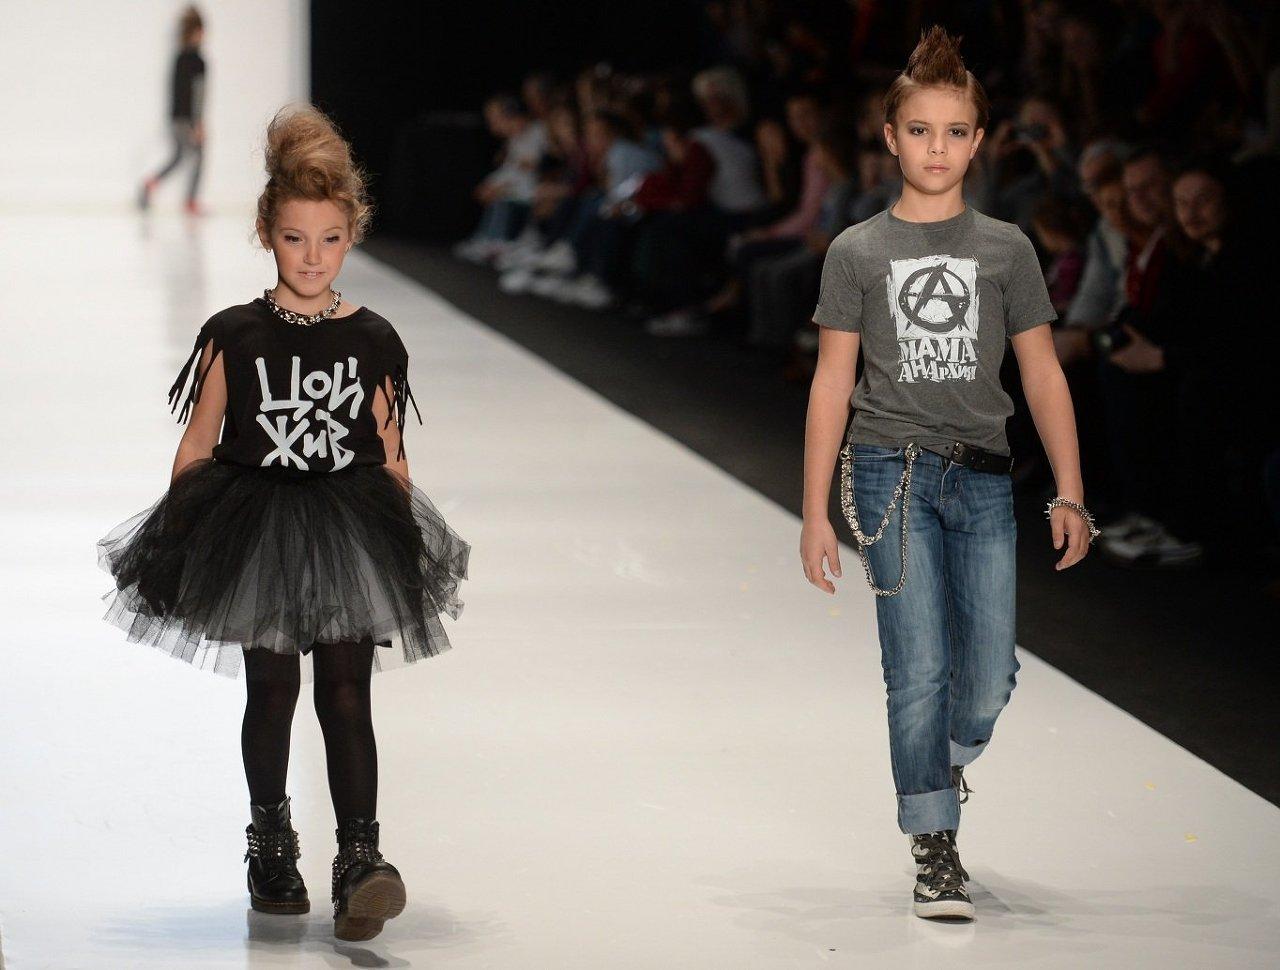 Показ коллекции дизайнерской детской одежды Евгении Лазаревой